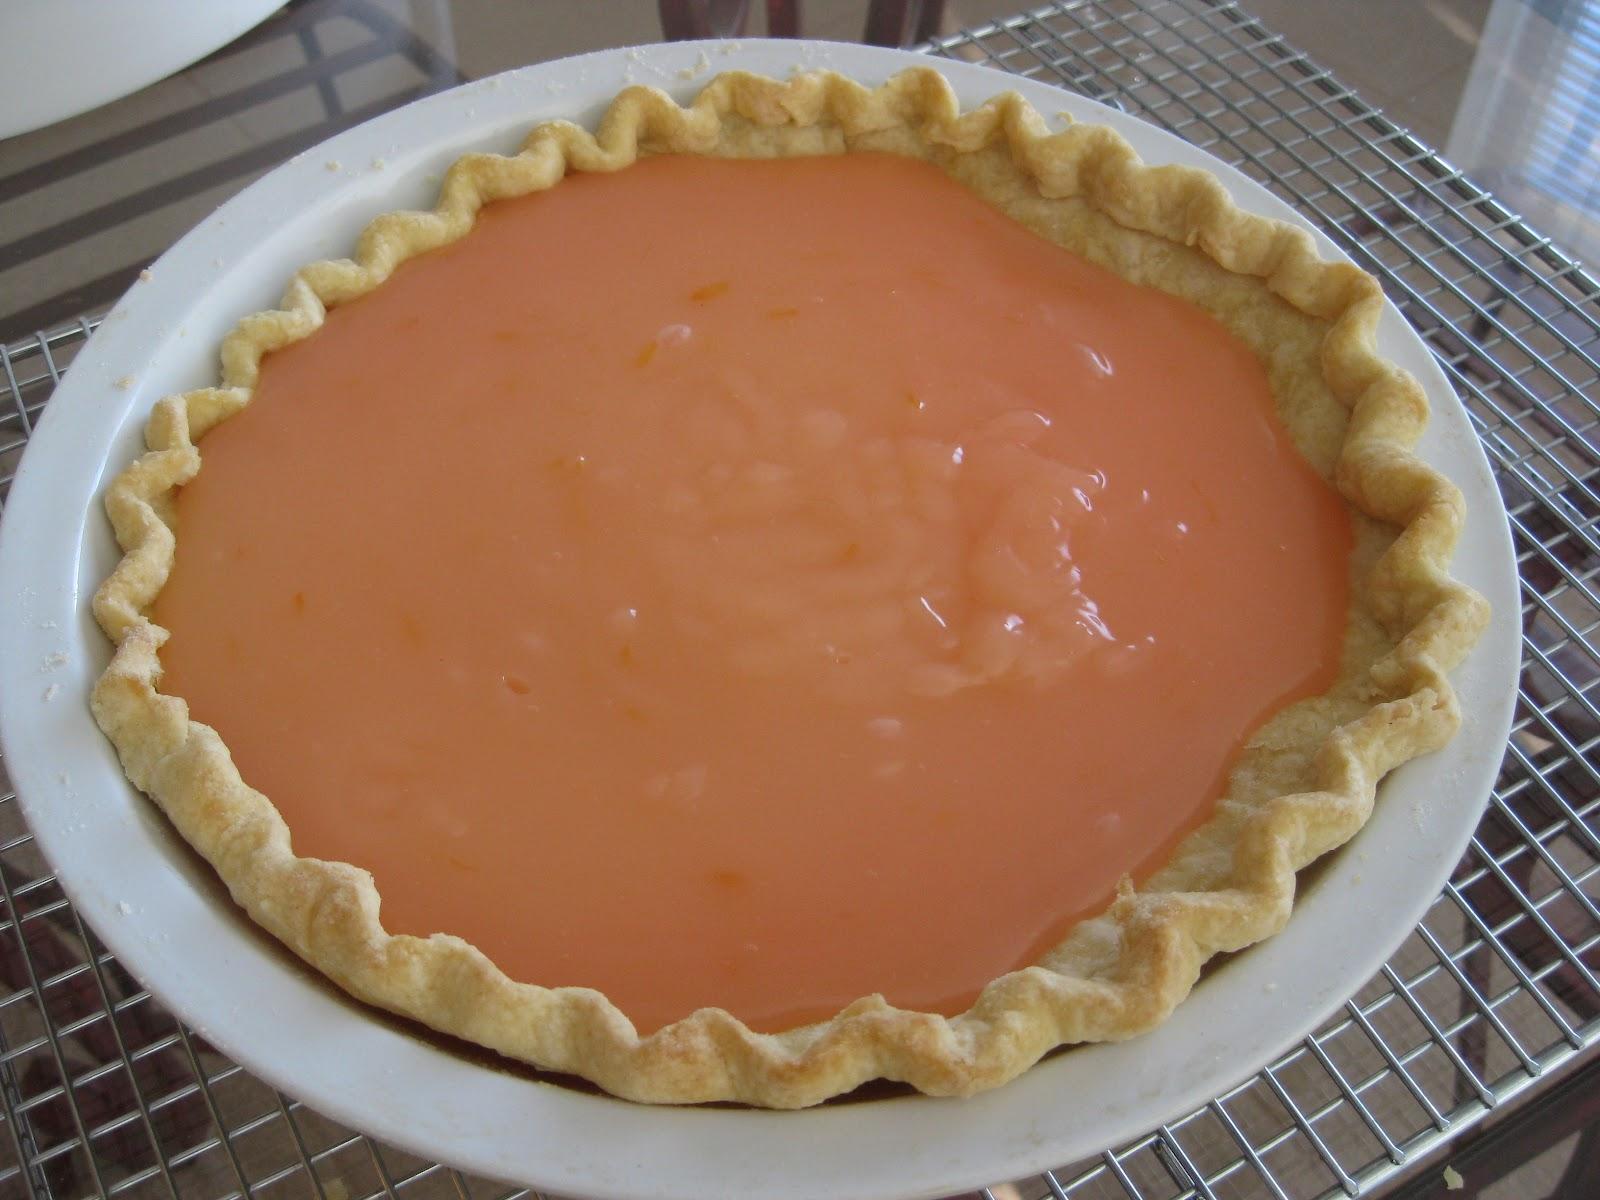 The Pie Experiment: Pie # 28: Grapefruit Meringue Pie